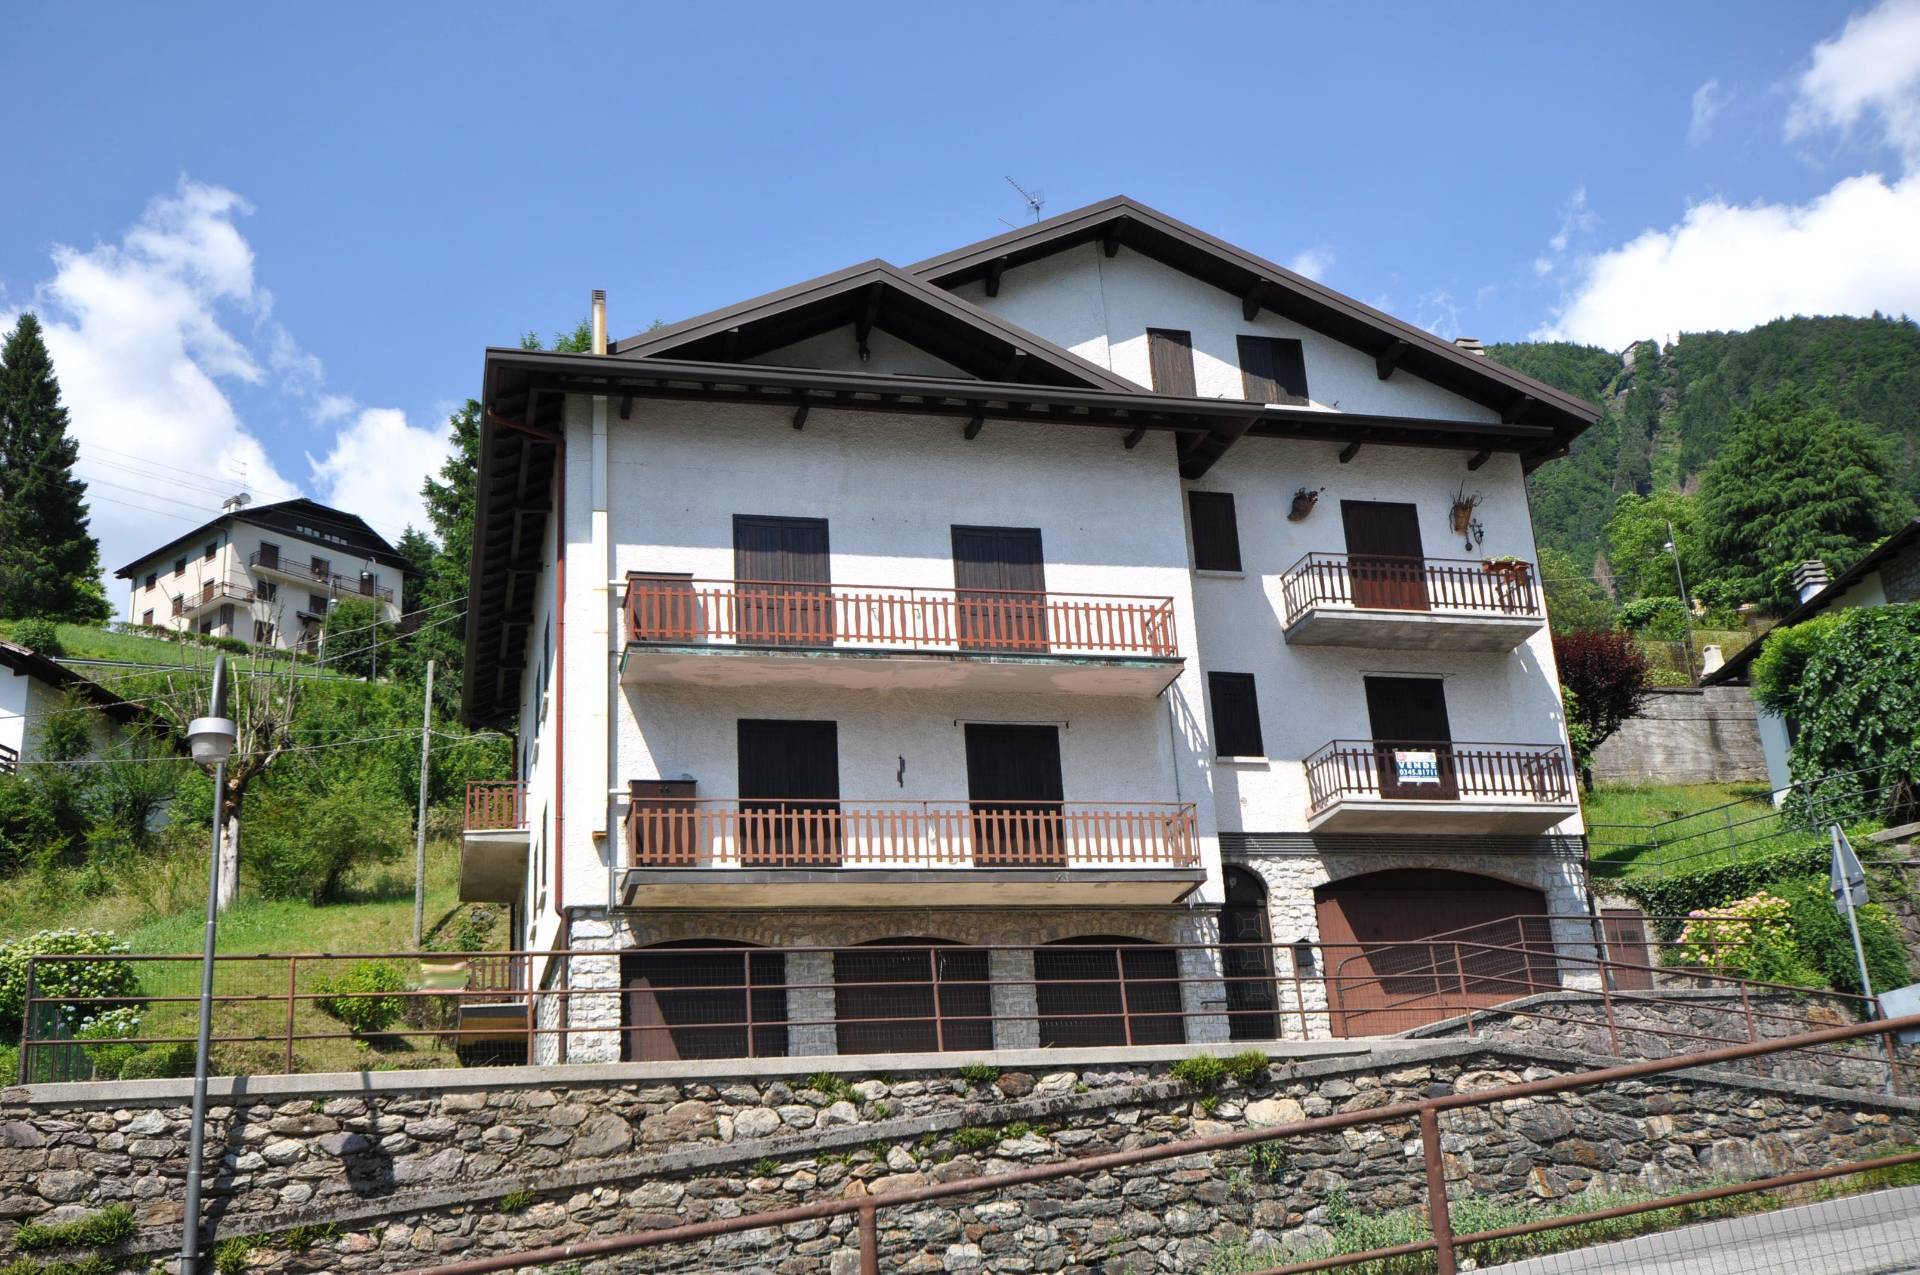 Appartamento in vendita a Roncobello, 3 locali, prezzo € 38.000 | CambioCasa.it